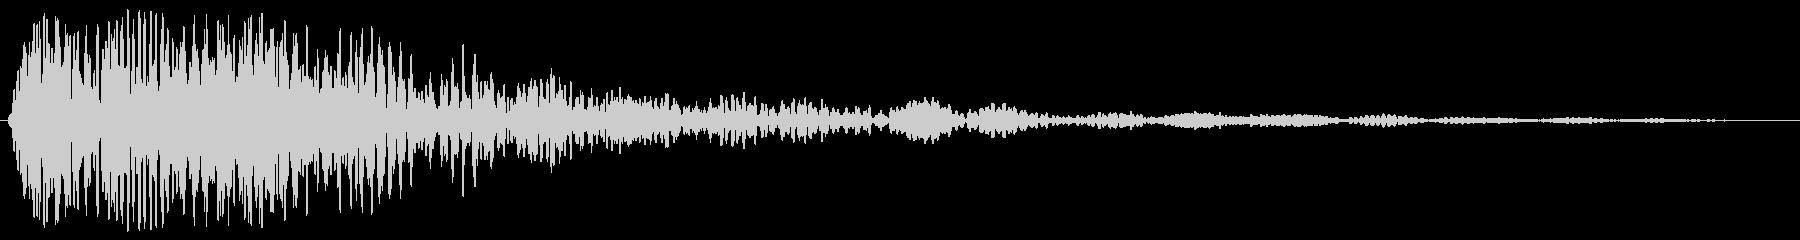 ドゥーンと響く爆発音の未再生の波形